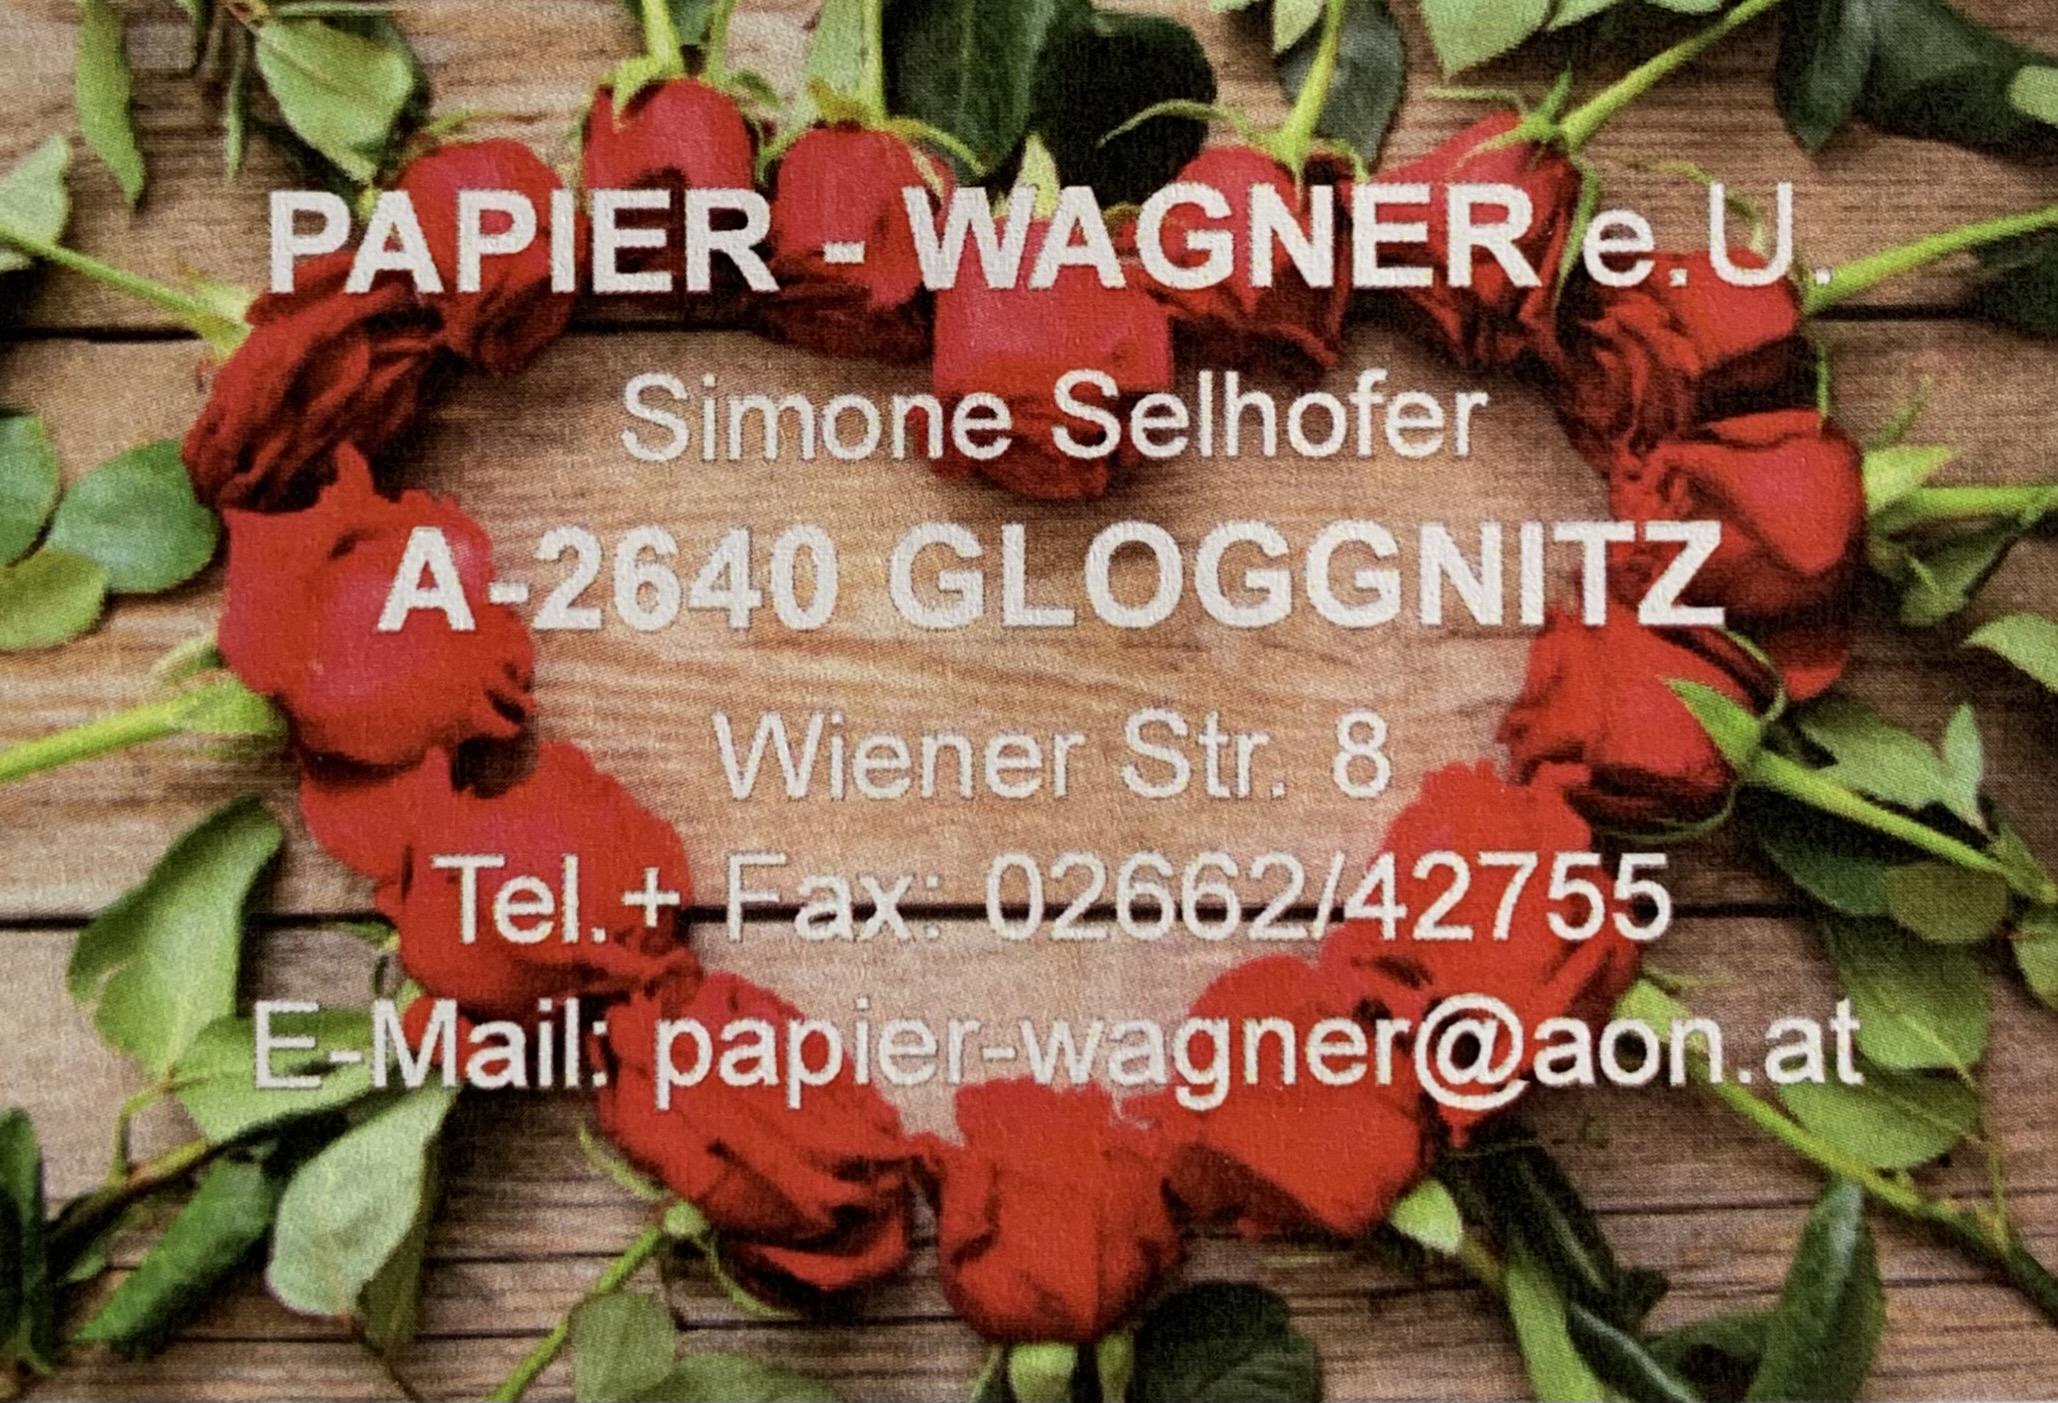 Magnet - Gloggnitz 14-FQ2640-02